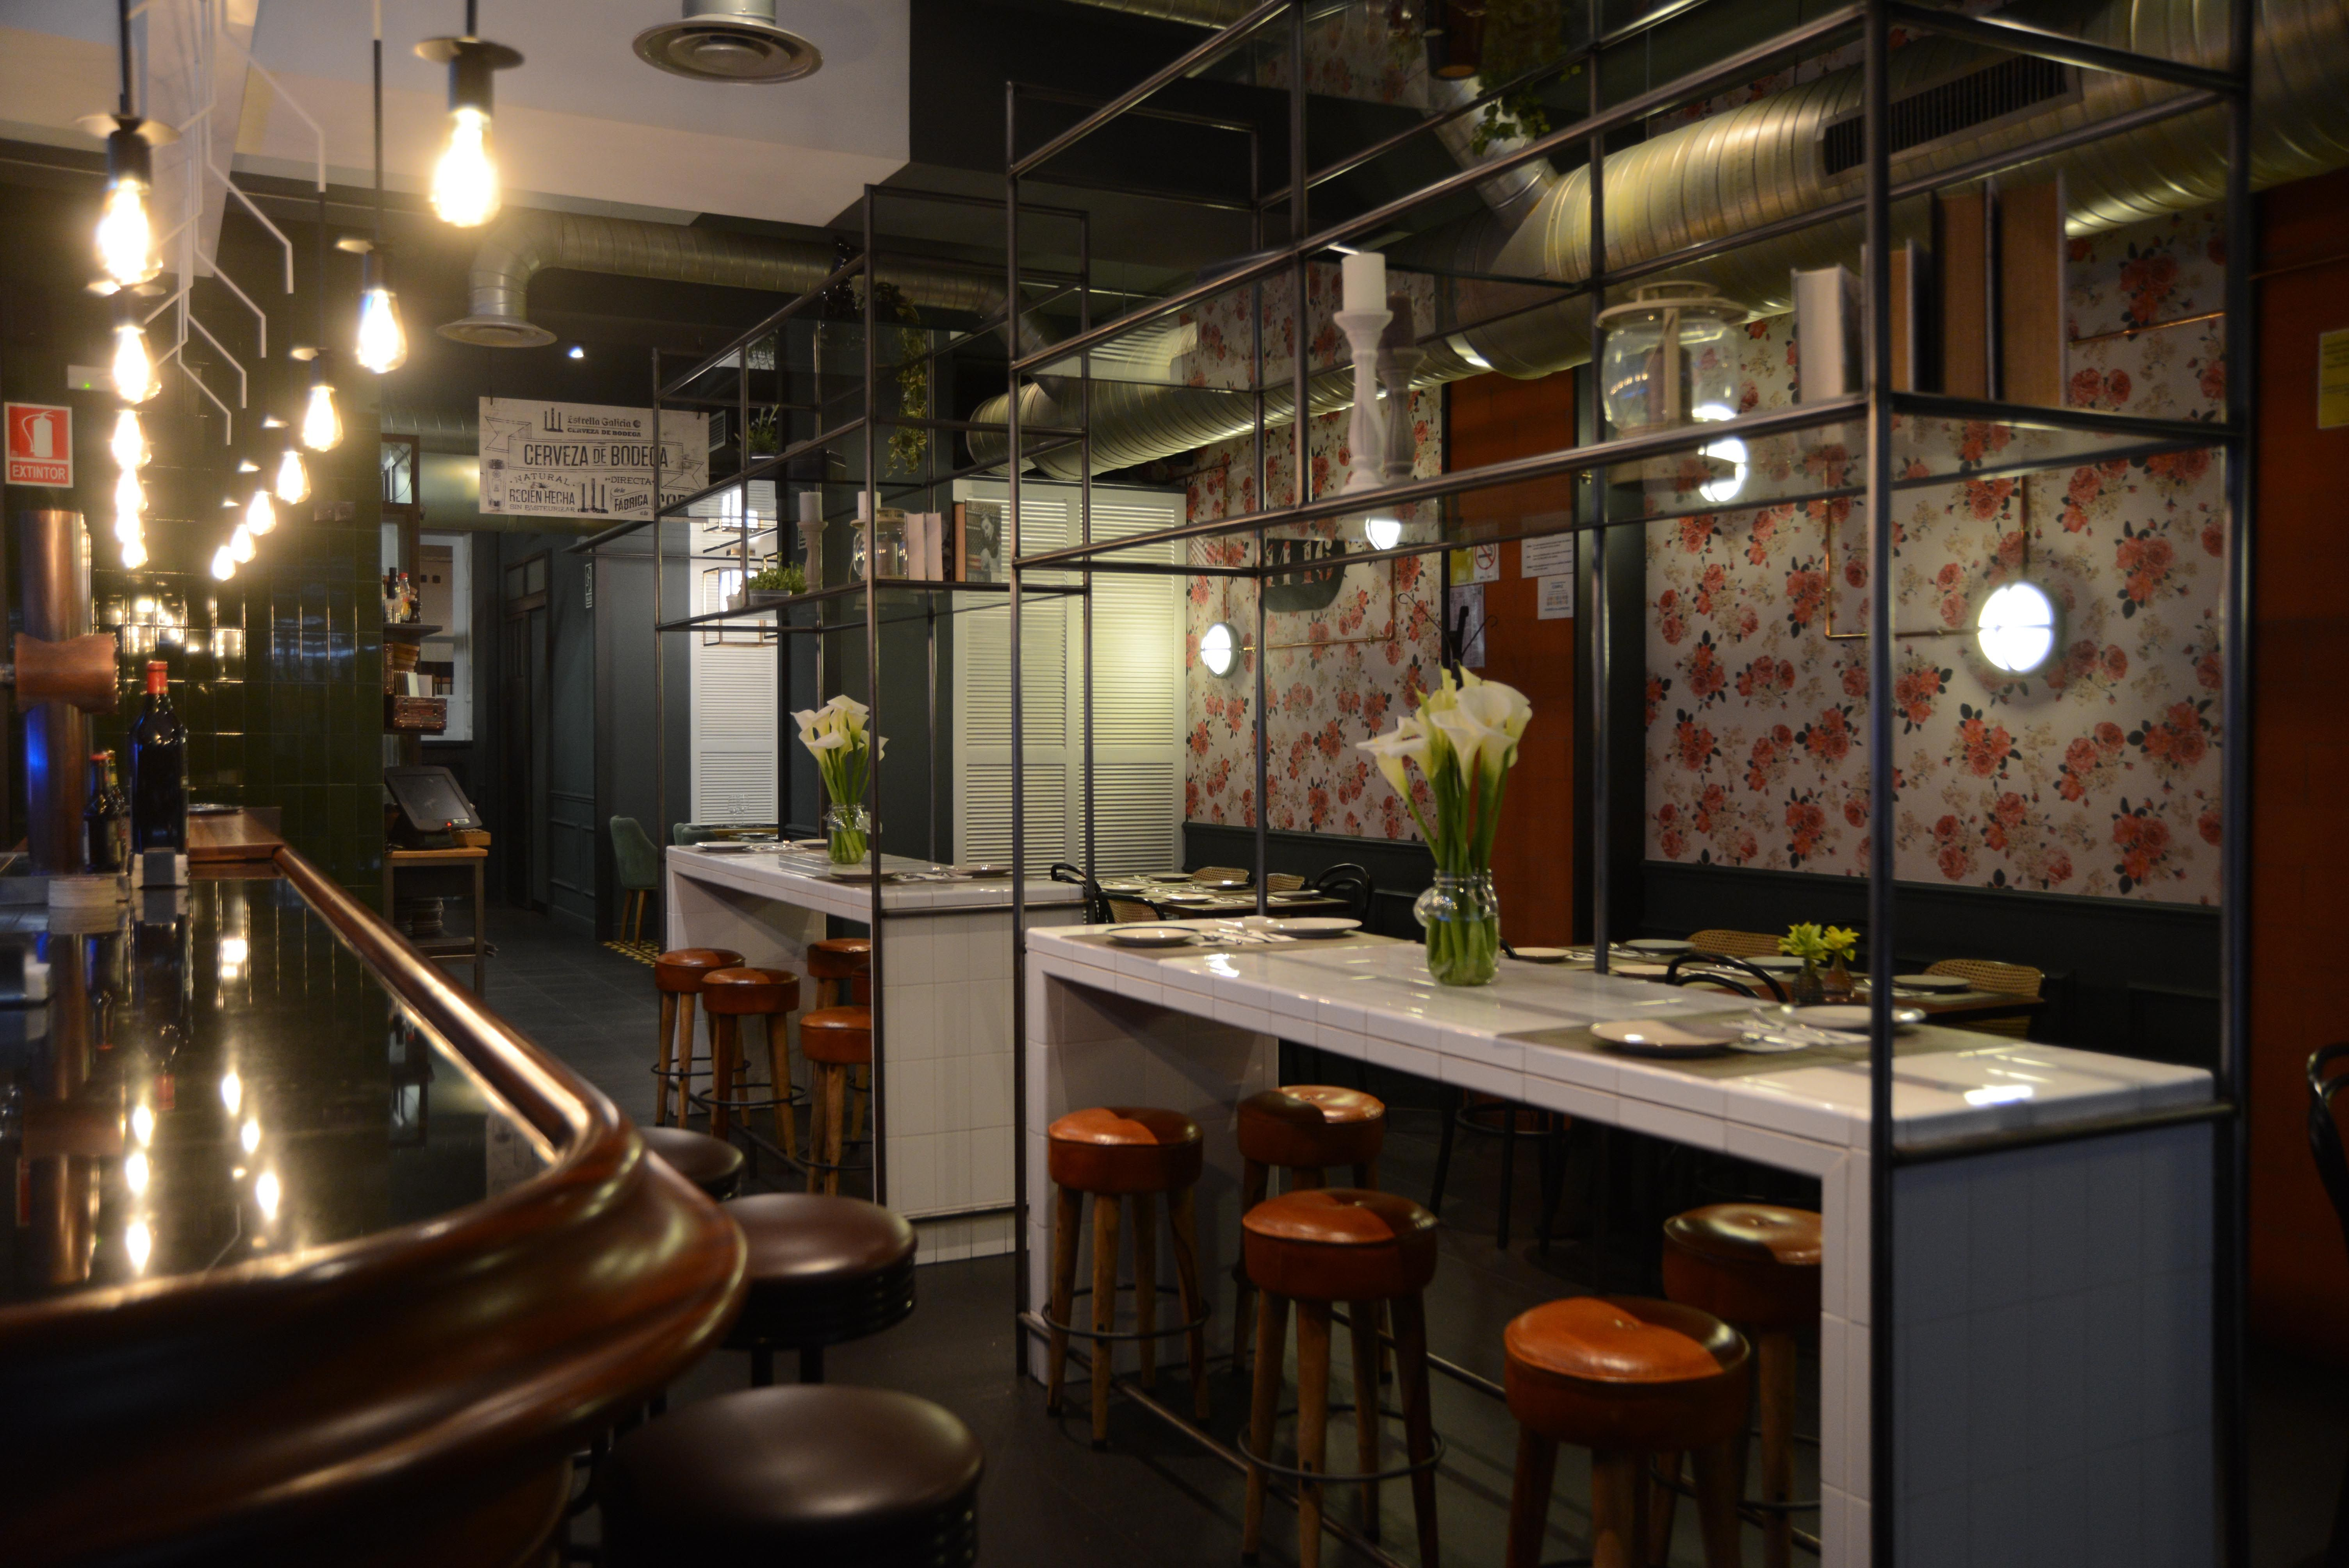 Foto 2 de Restaurante en A Coruña | O Lagar da Estrella